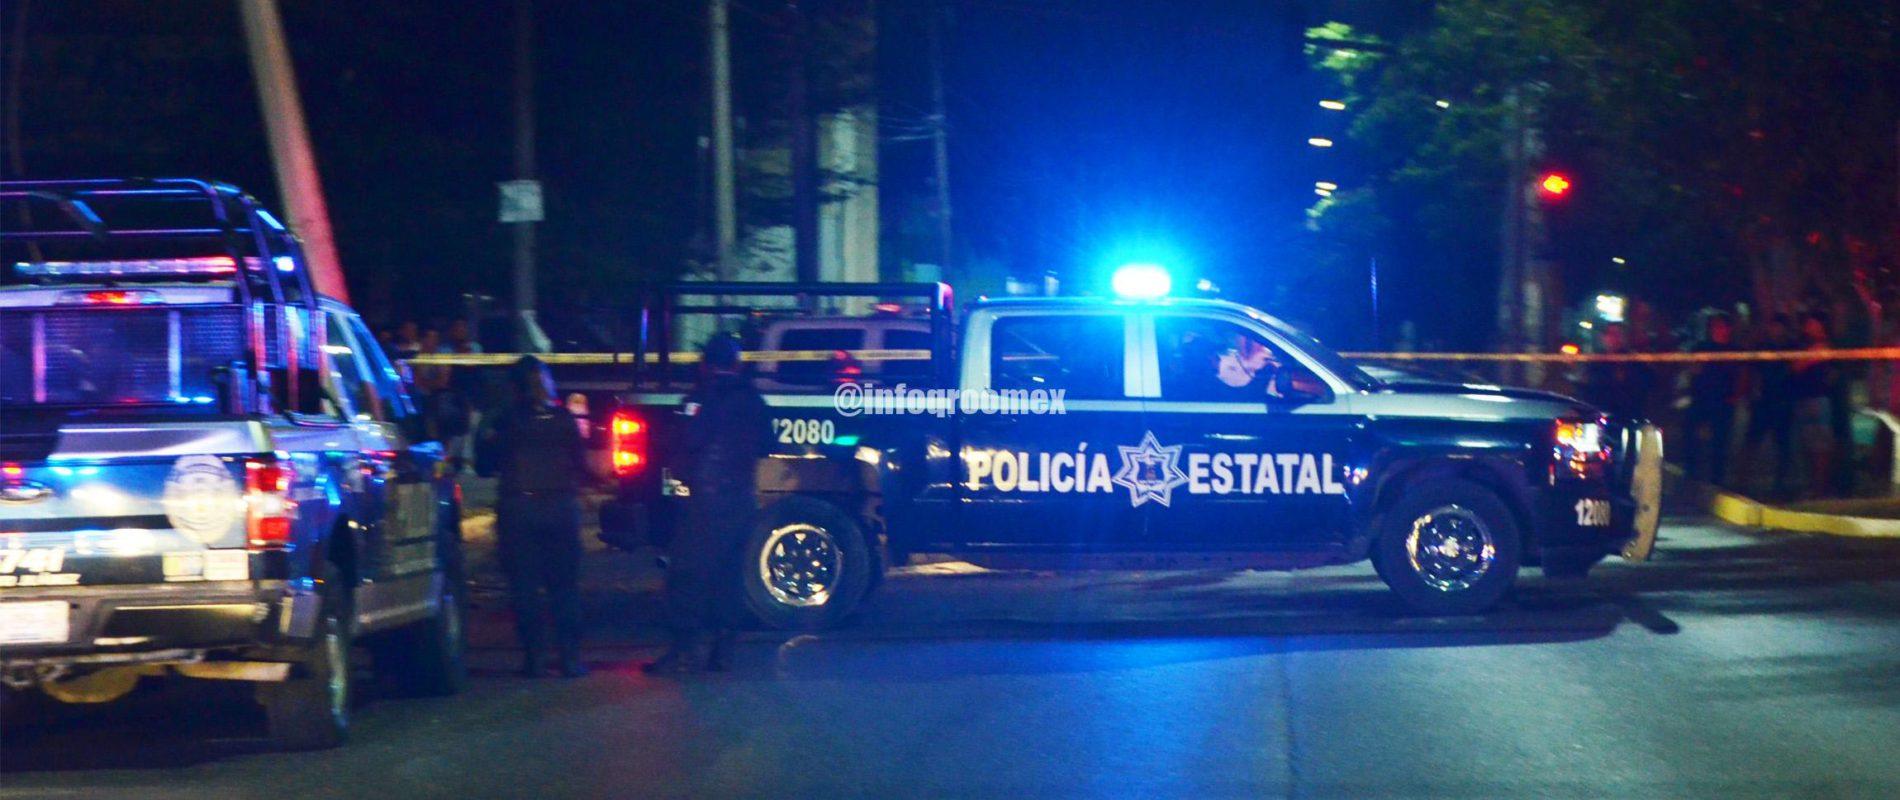 Mueren dos mujeres en un estacionamiento: Una de ellas tenía un bebito en brazos cuando le dispararon